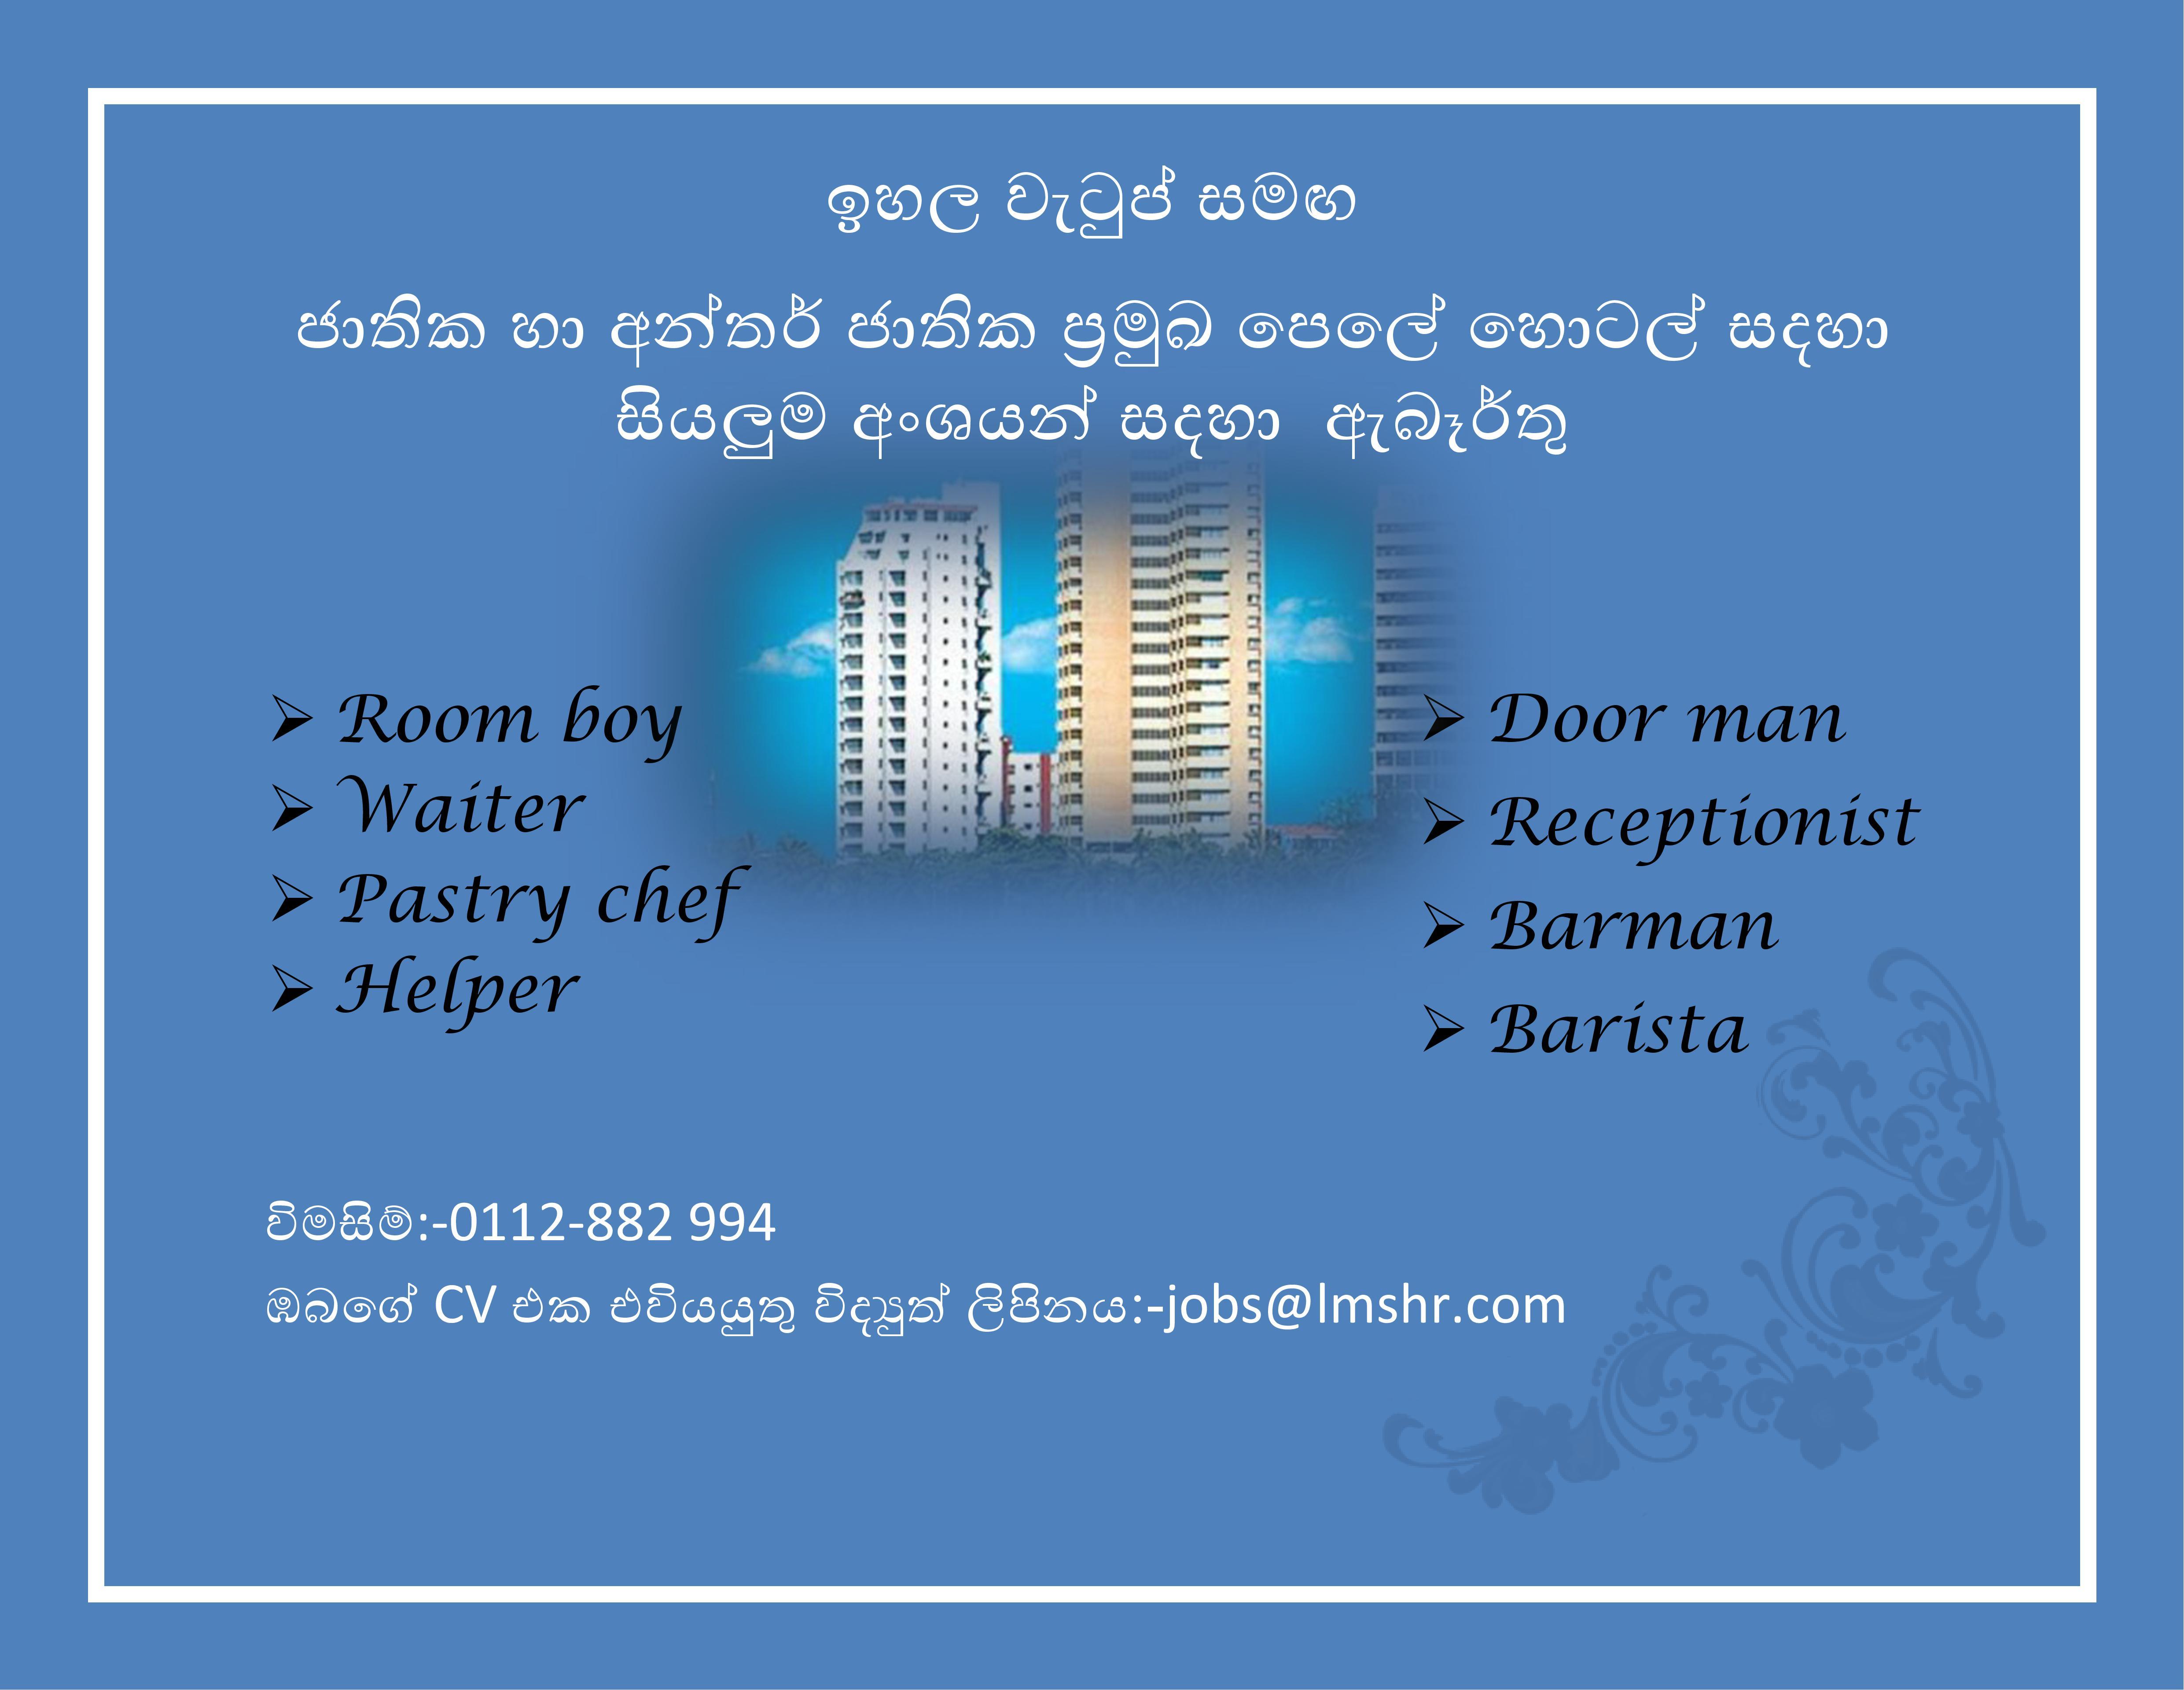 top jobs, job vacancies - Hotel vacancy in Colombo